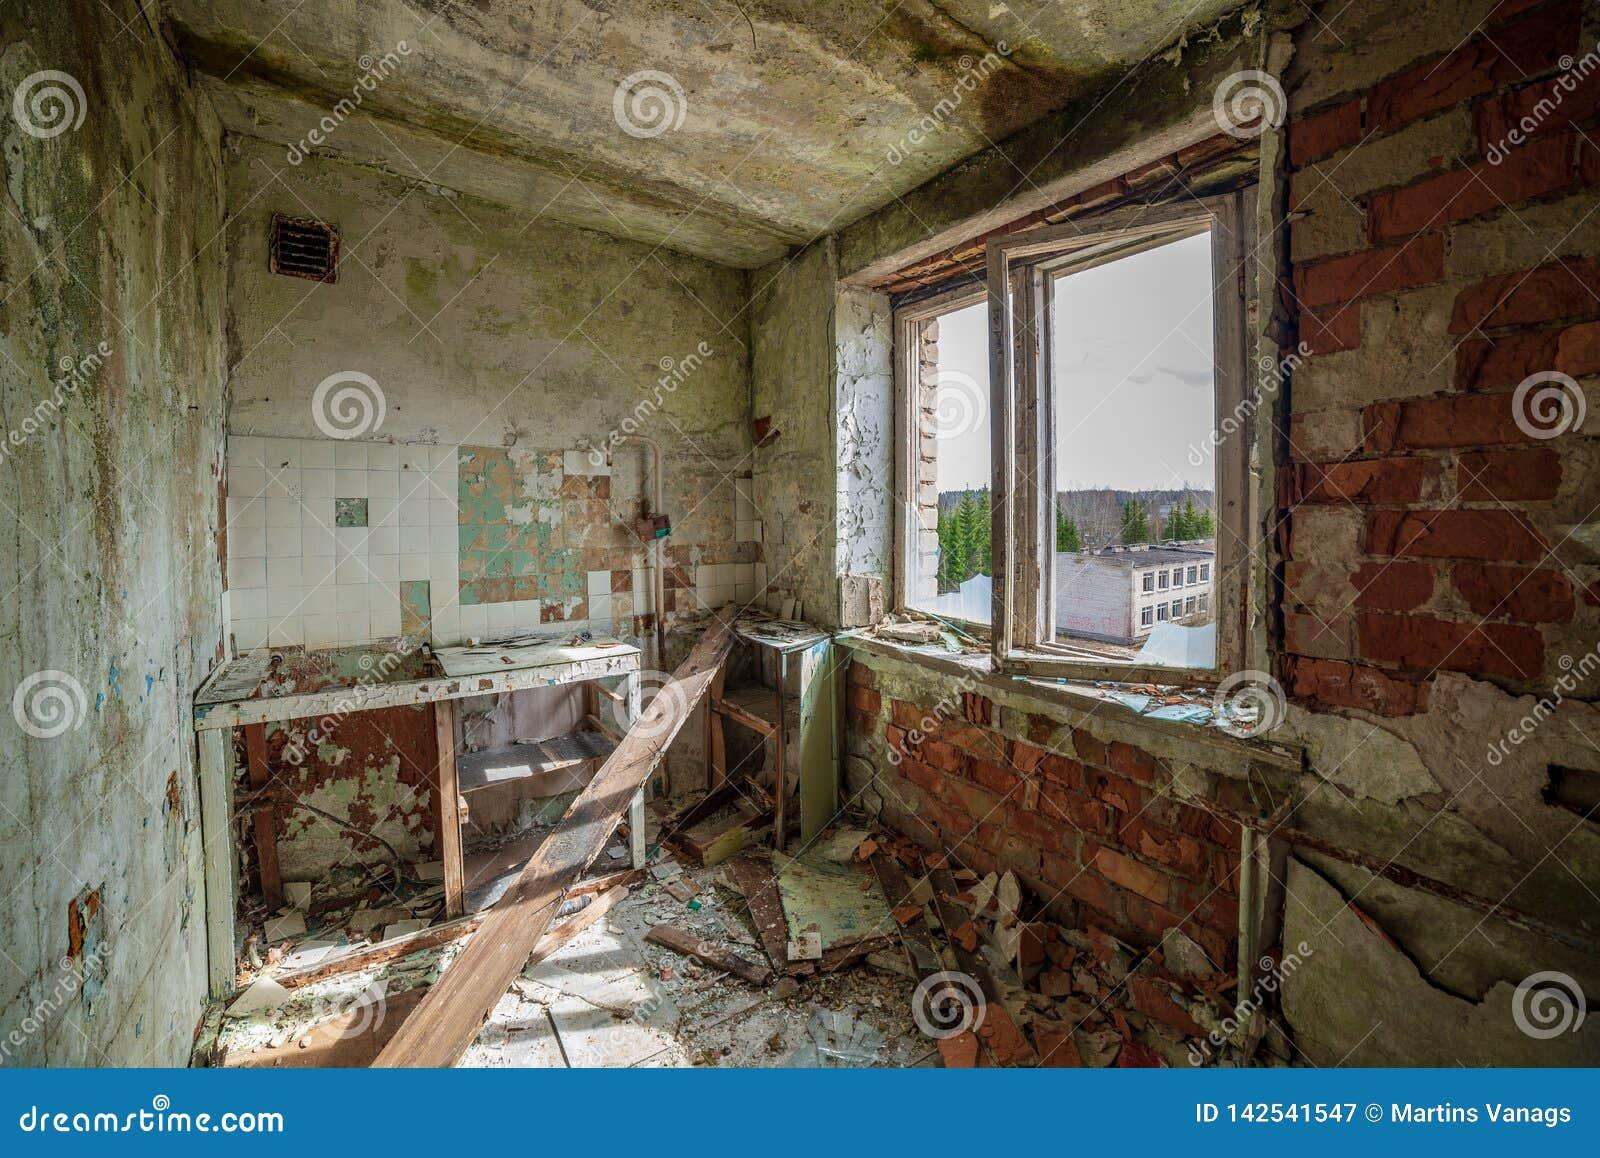 εγκαταλειμμένα στρατιωτικά κτήρια στην πόλη της Σκρούντα στη Λετονία